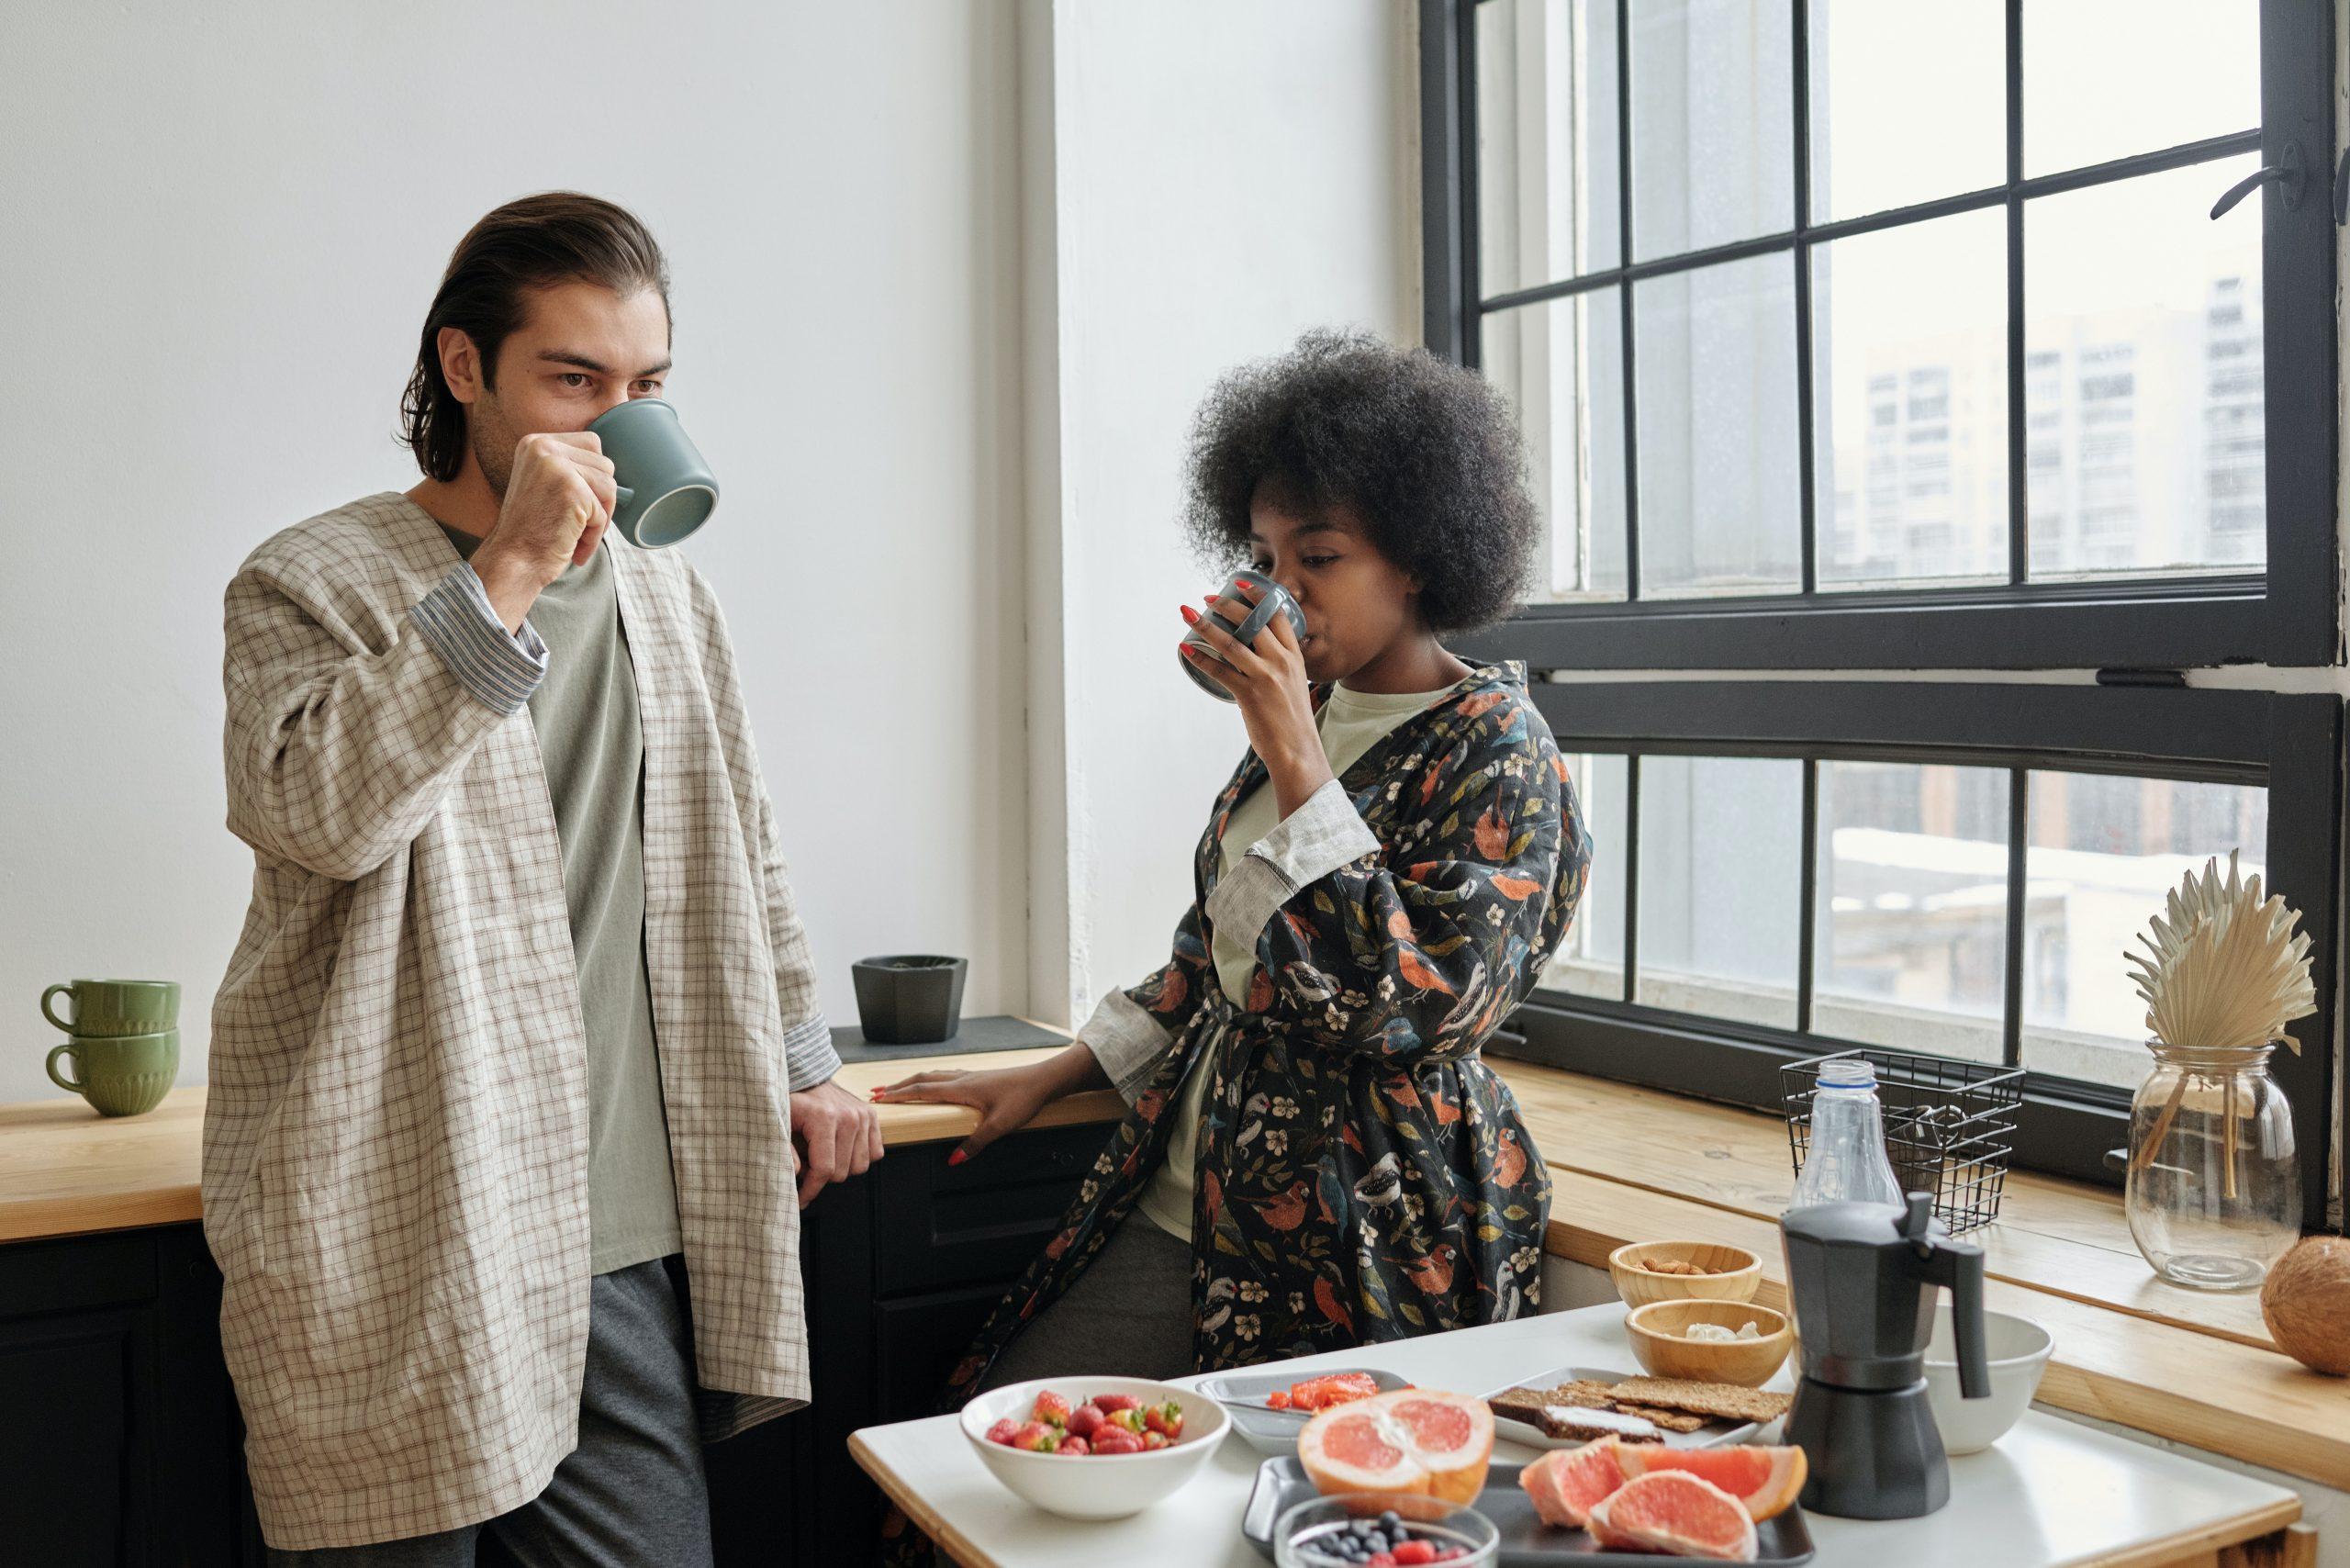 Na foto um homem e uma mulher em pé em uma cozinha tomando café ao lado de uma mesa com alimentos de café da manhã.